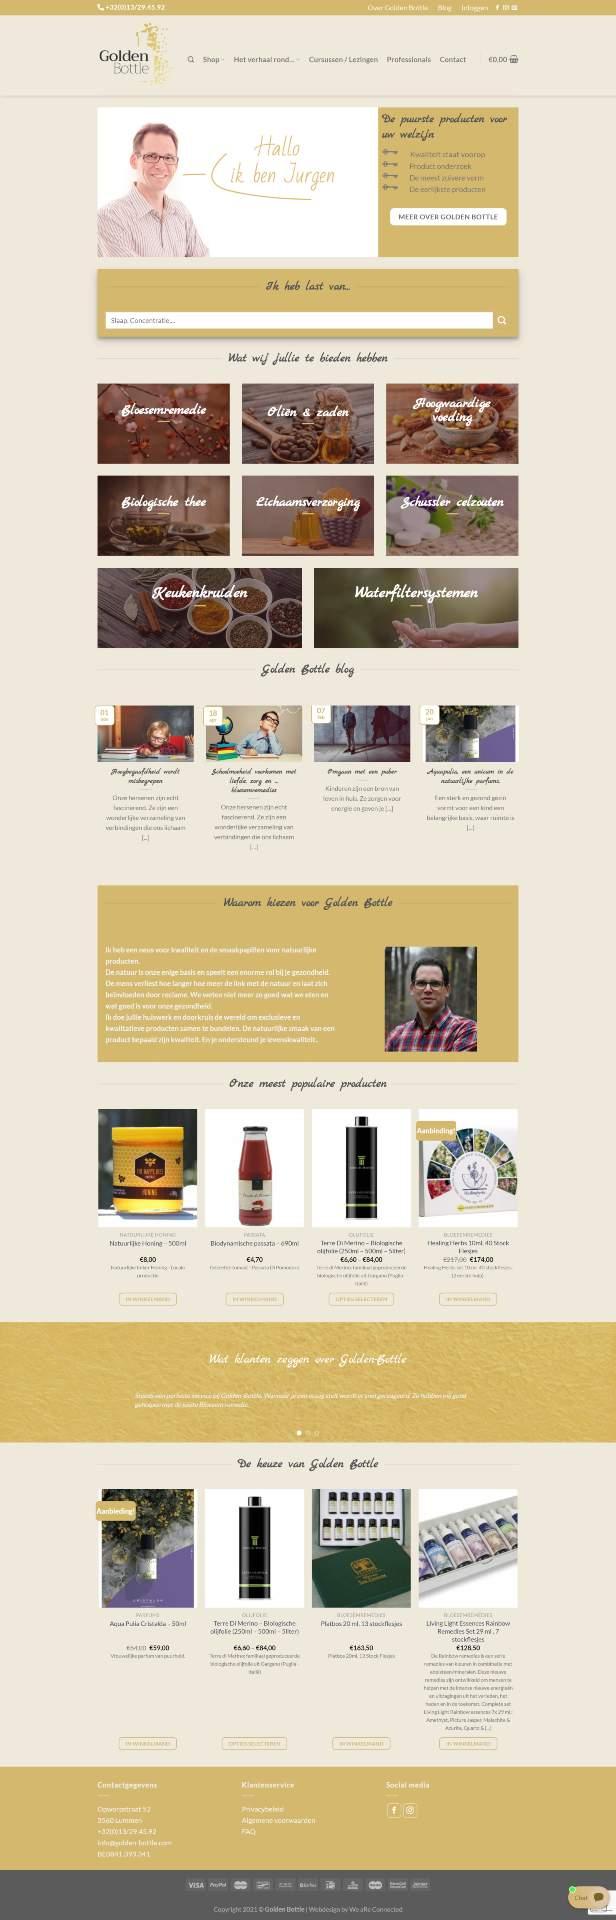 Webshop Golden bottle